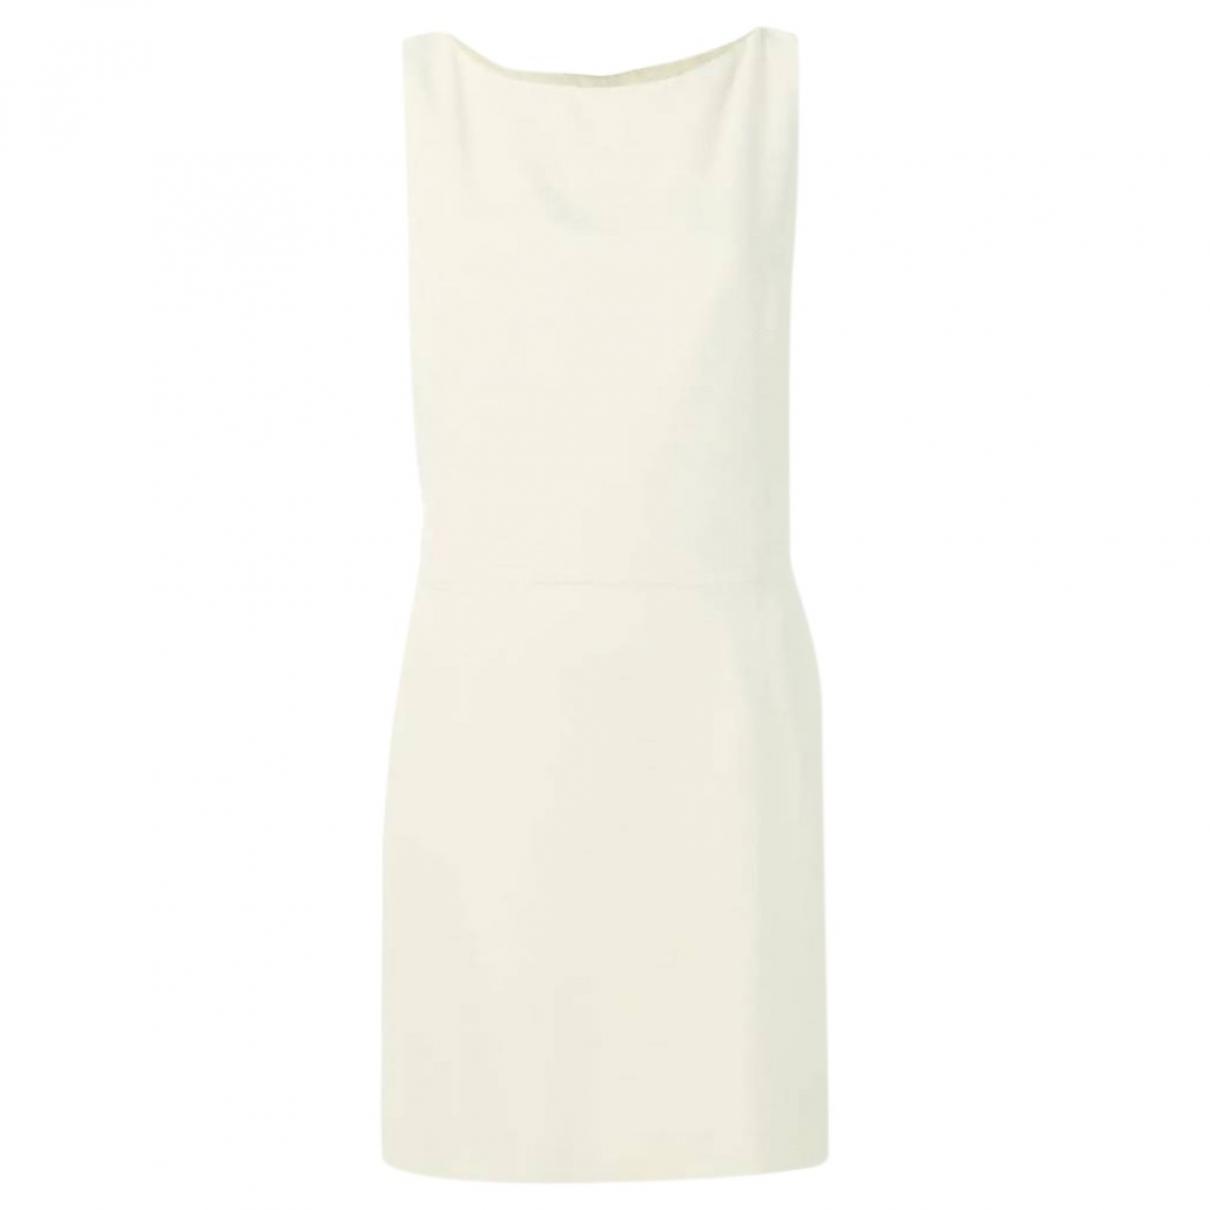 Moschino \N Beige dress for Women 46 IT